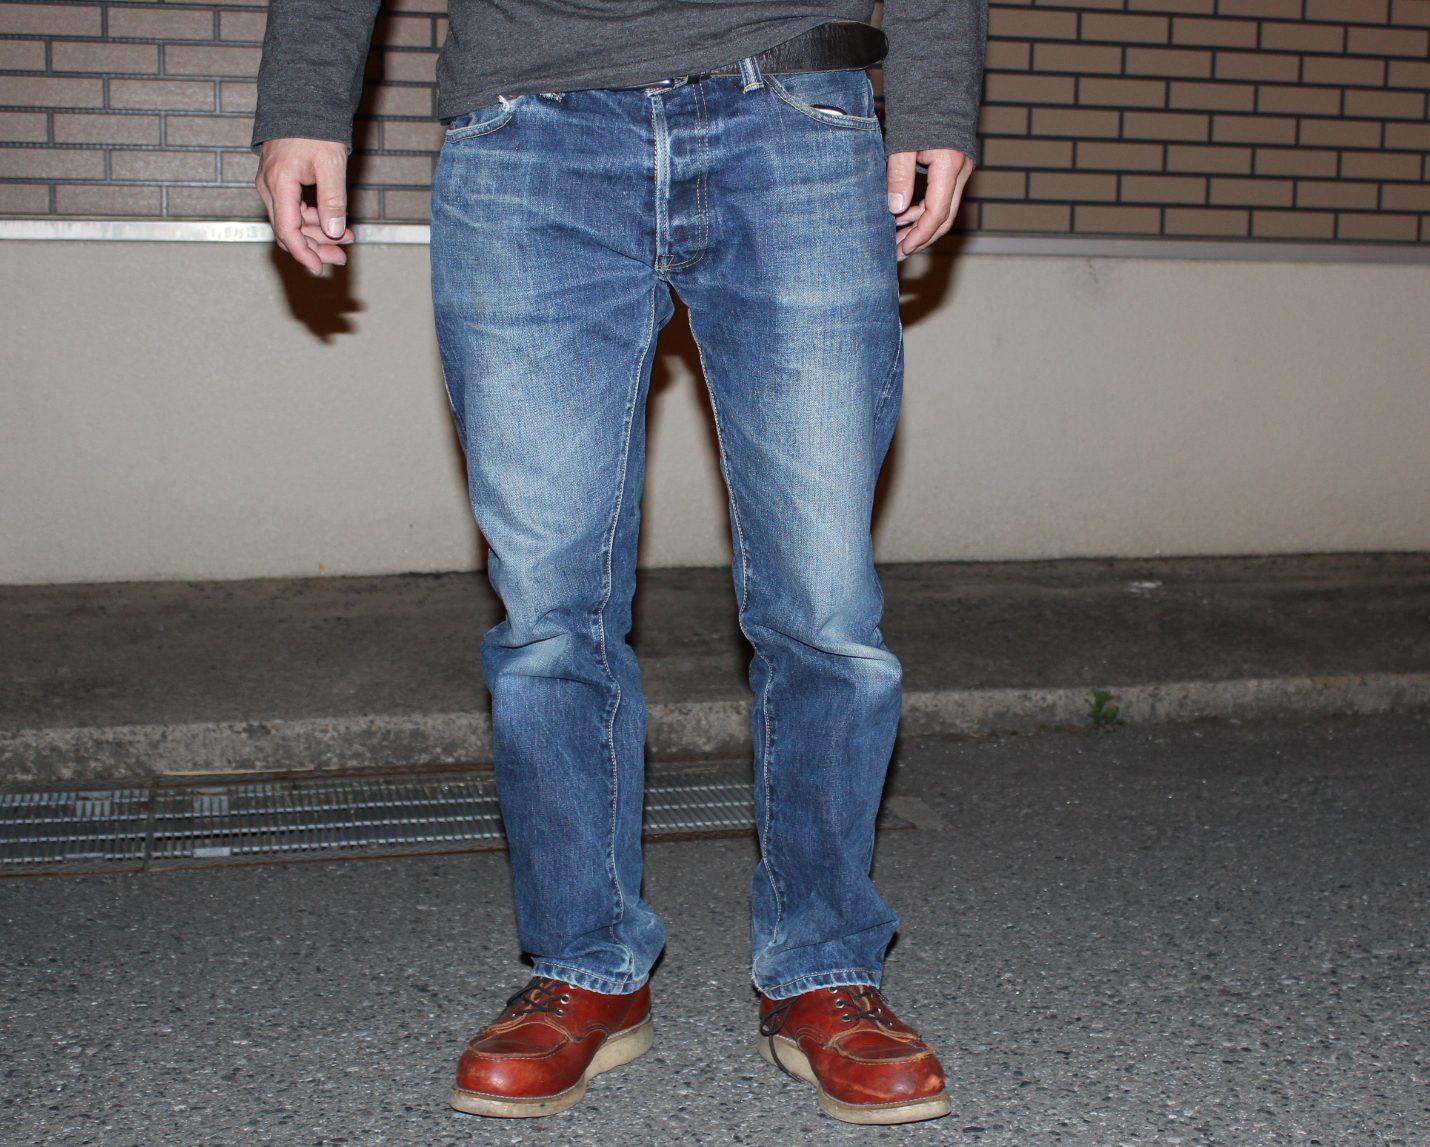 【おすすめのデニム】スカルジーンズ5010xxの色落ちレポート レビュー